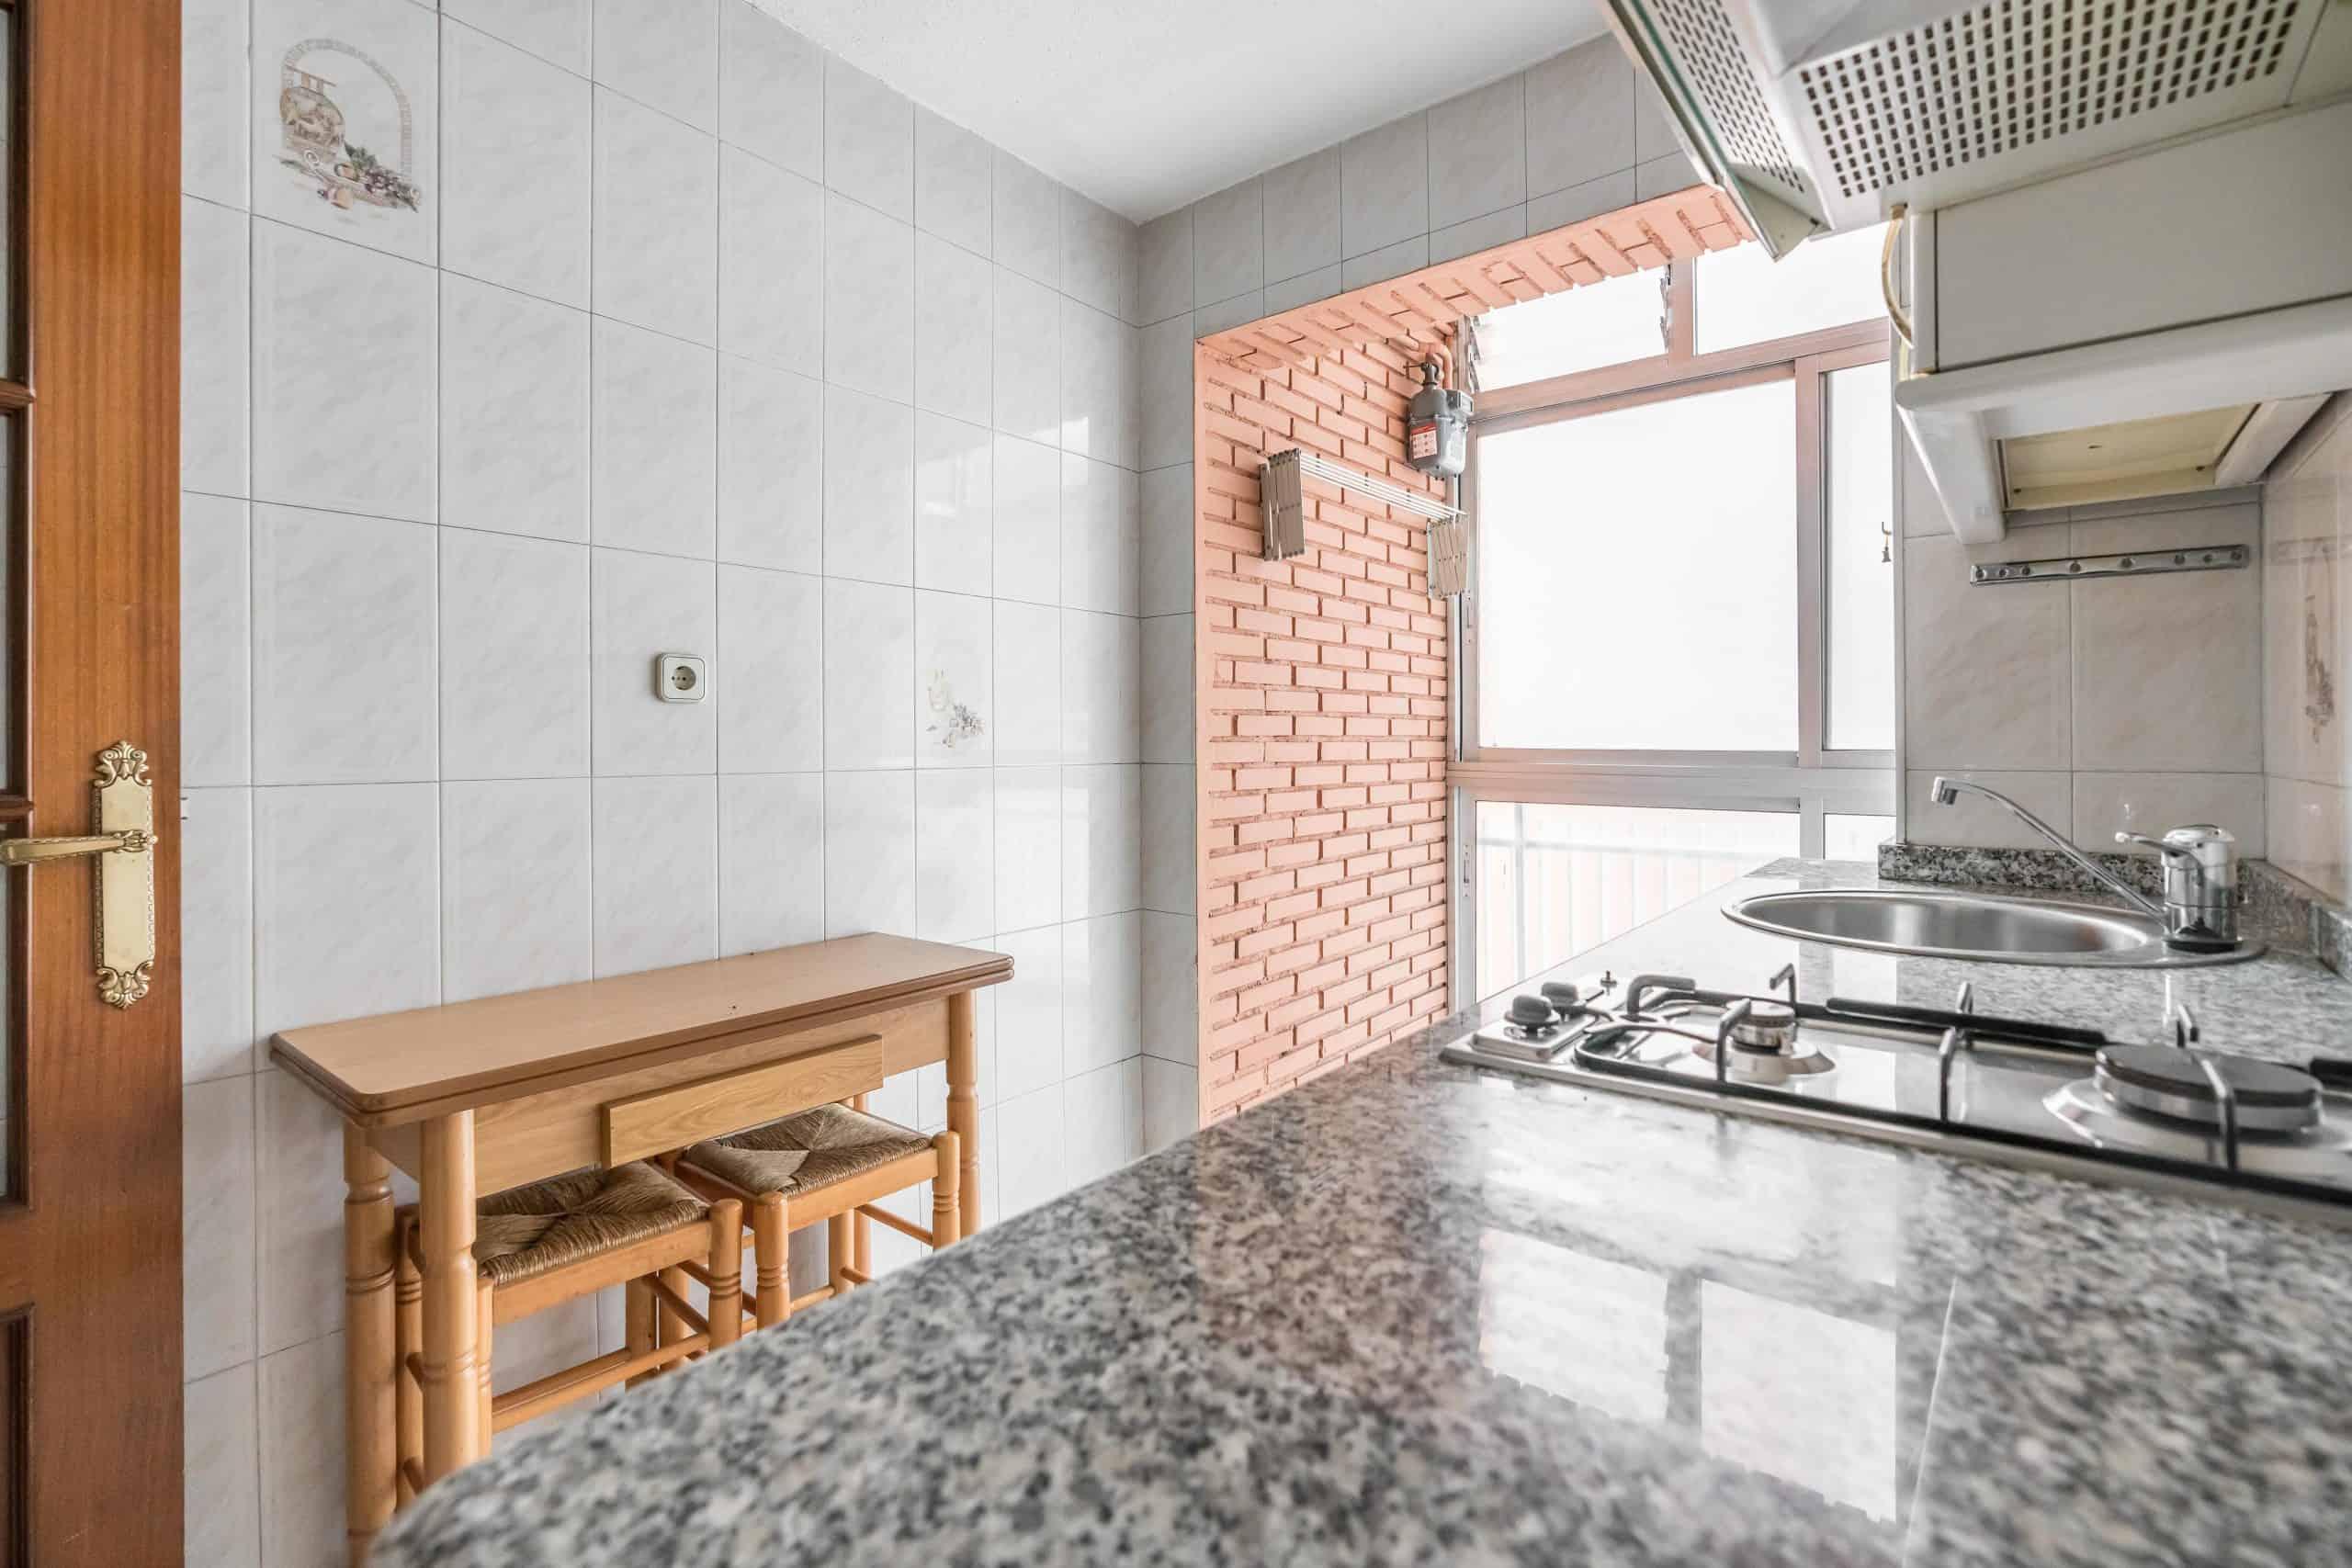 Agencia Inmobiliaria de Madrid-FUTUROCASA-Zona ARGANZUELA-LEGAZPI -calle Jaime Conquistador 48- Cocina 3